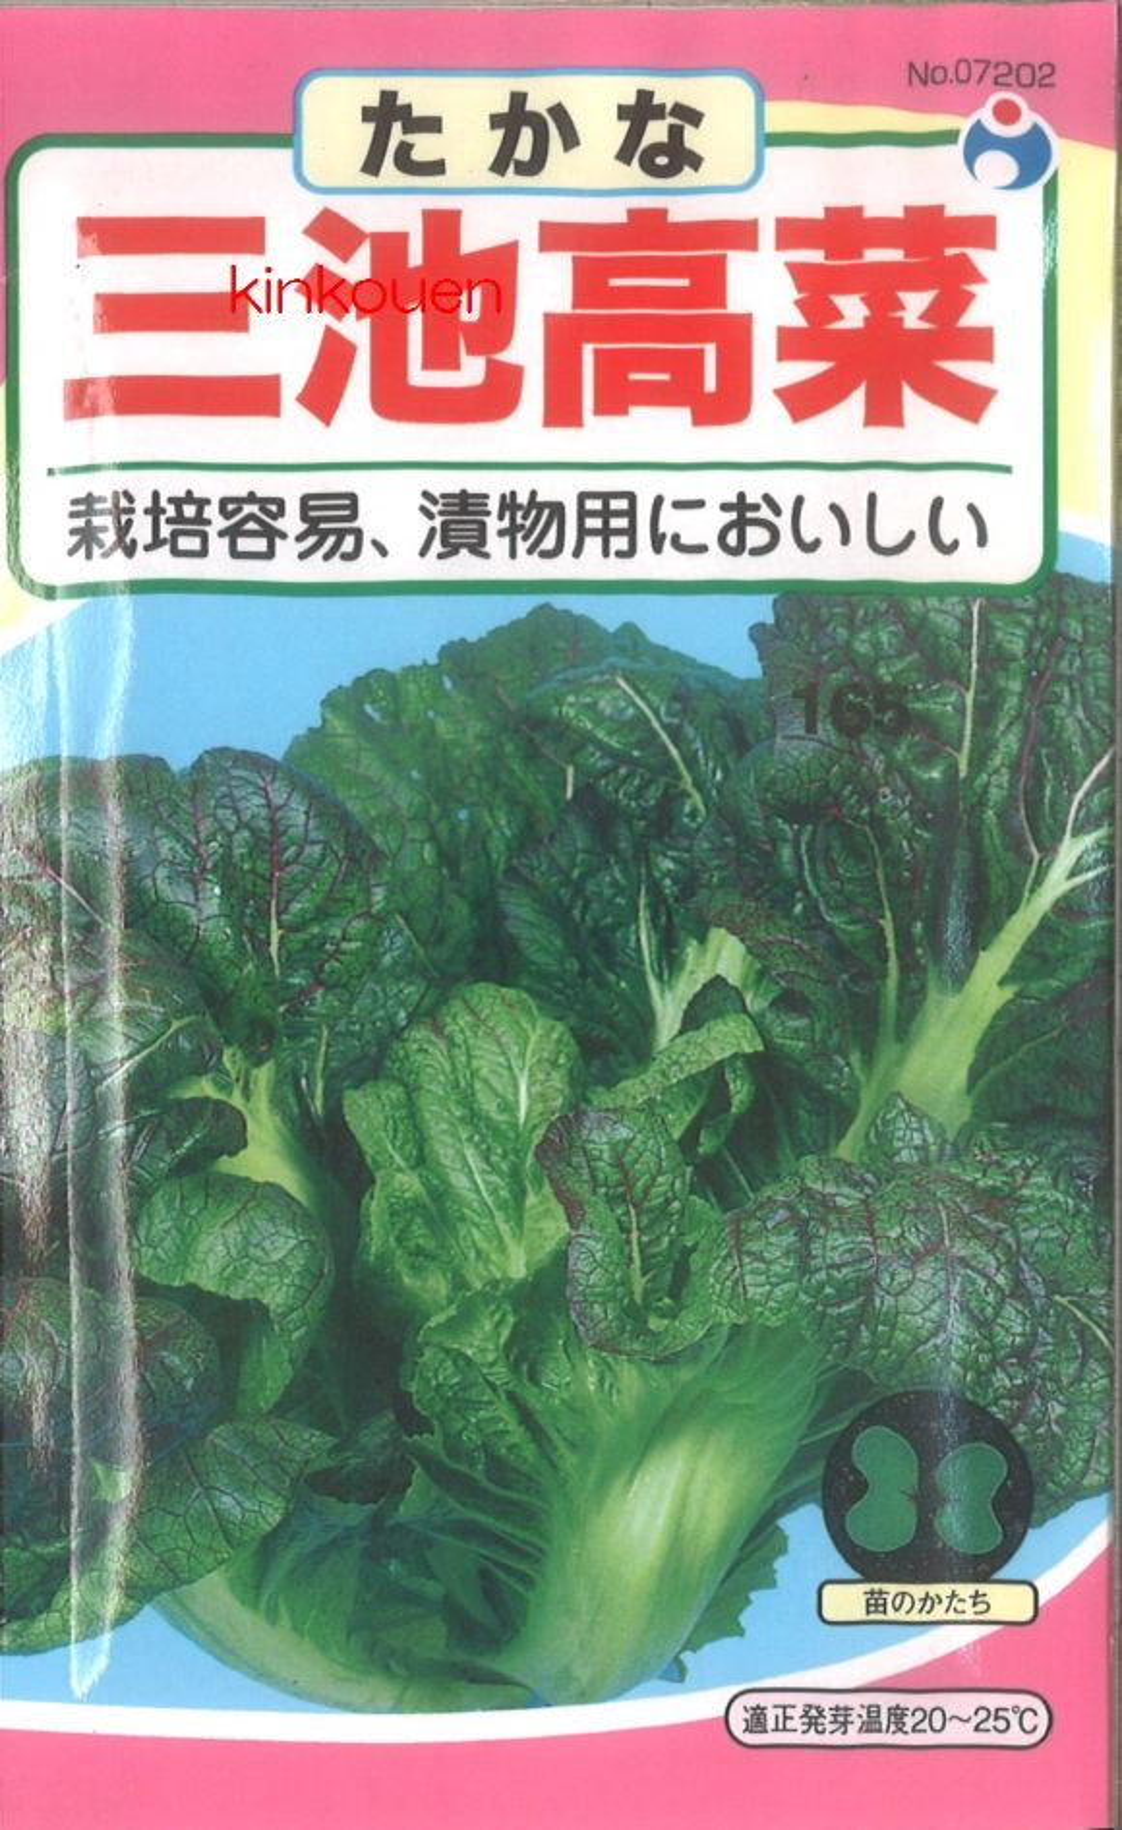 【代引不可】【5袋まで送料80円】 □ タカナ 三池高菜